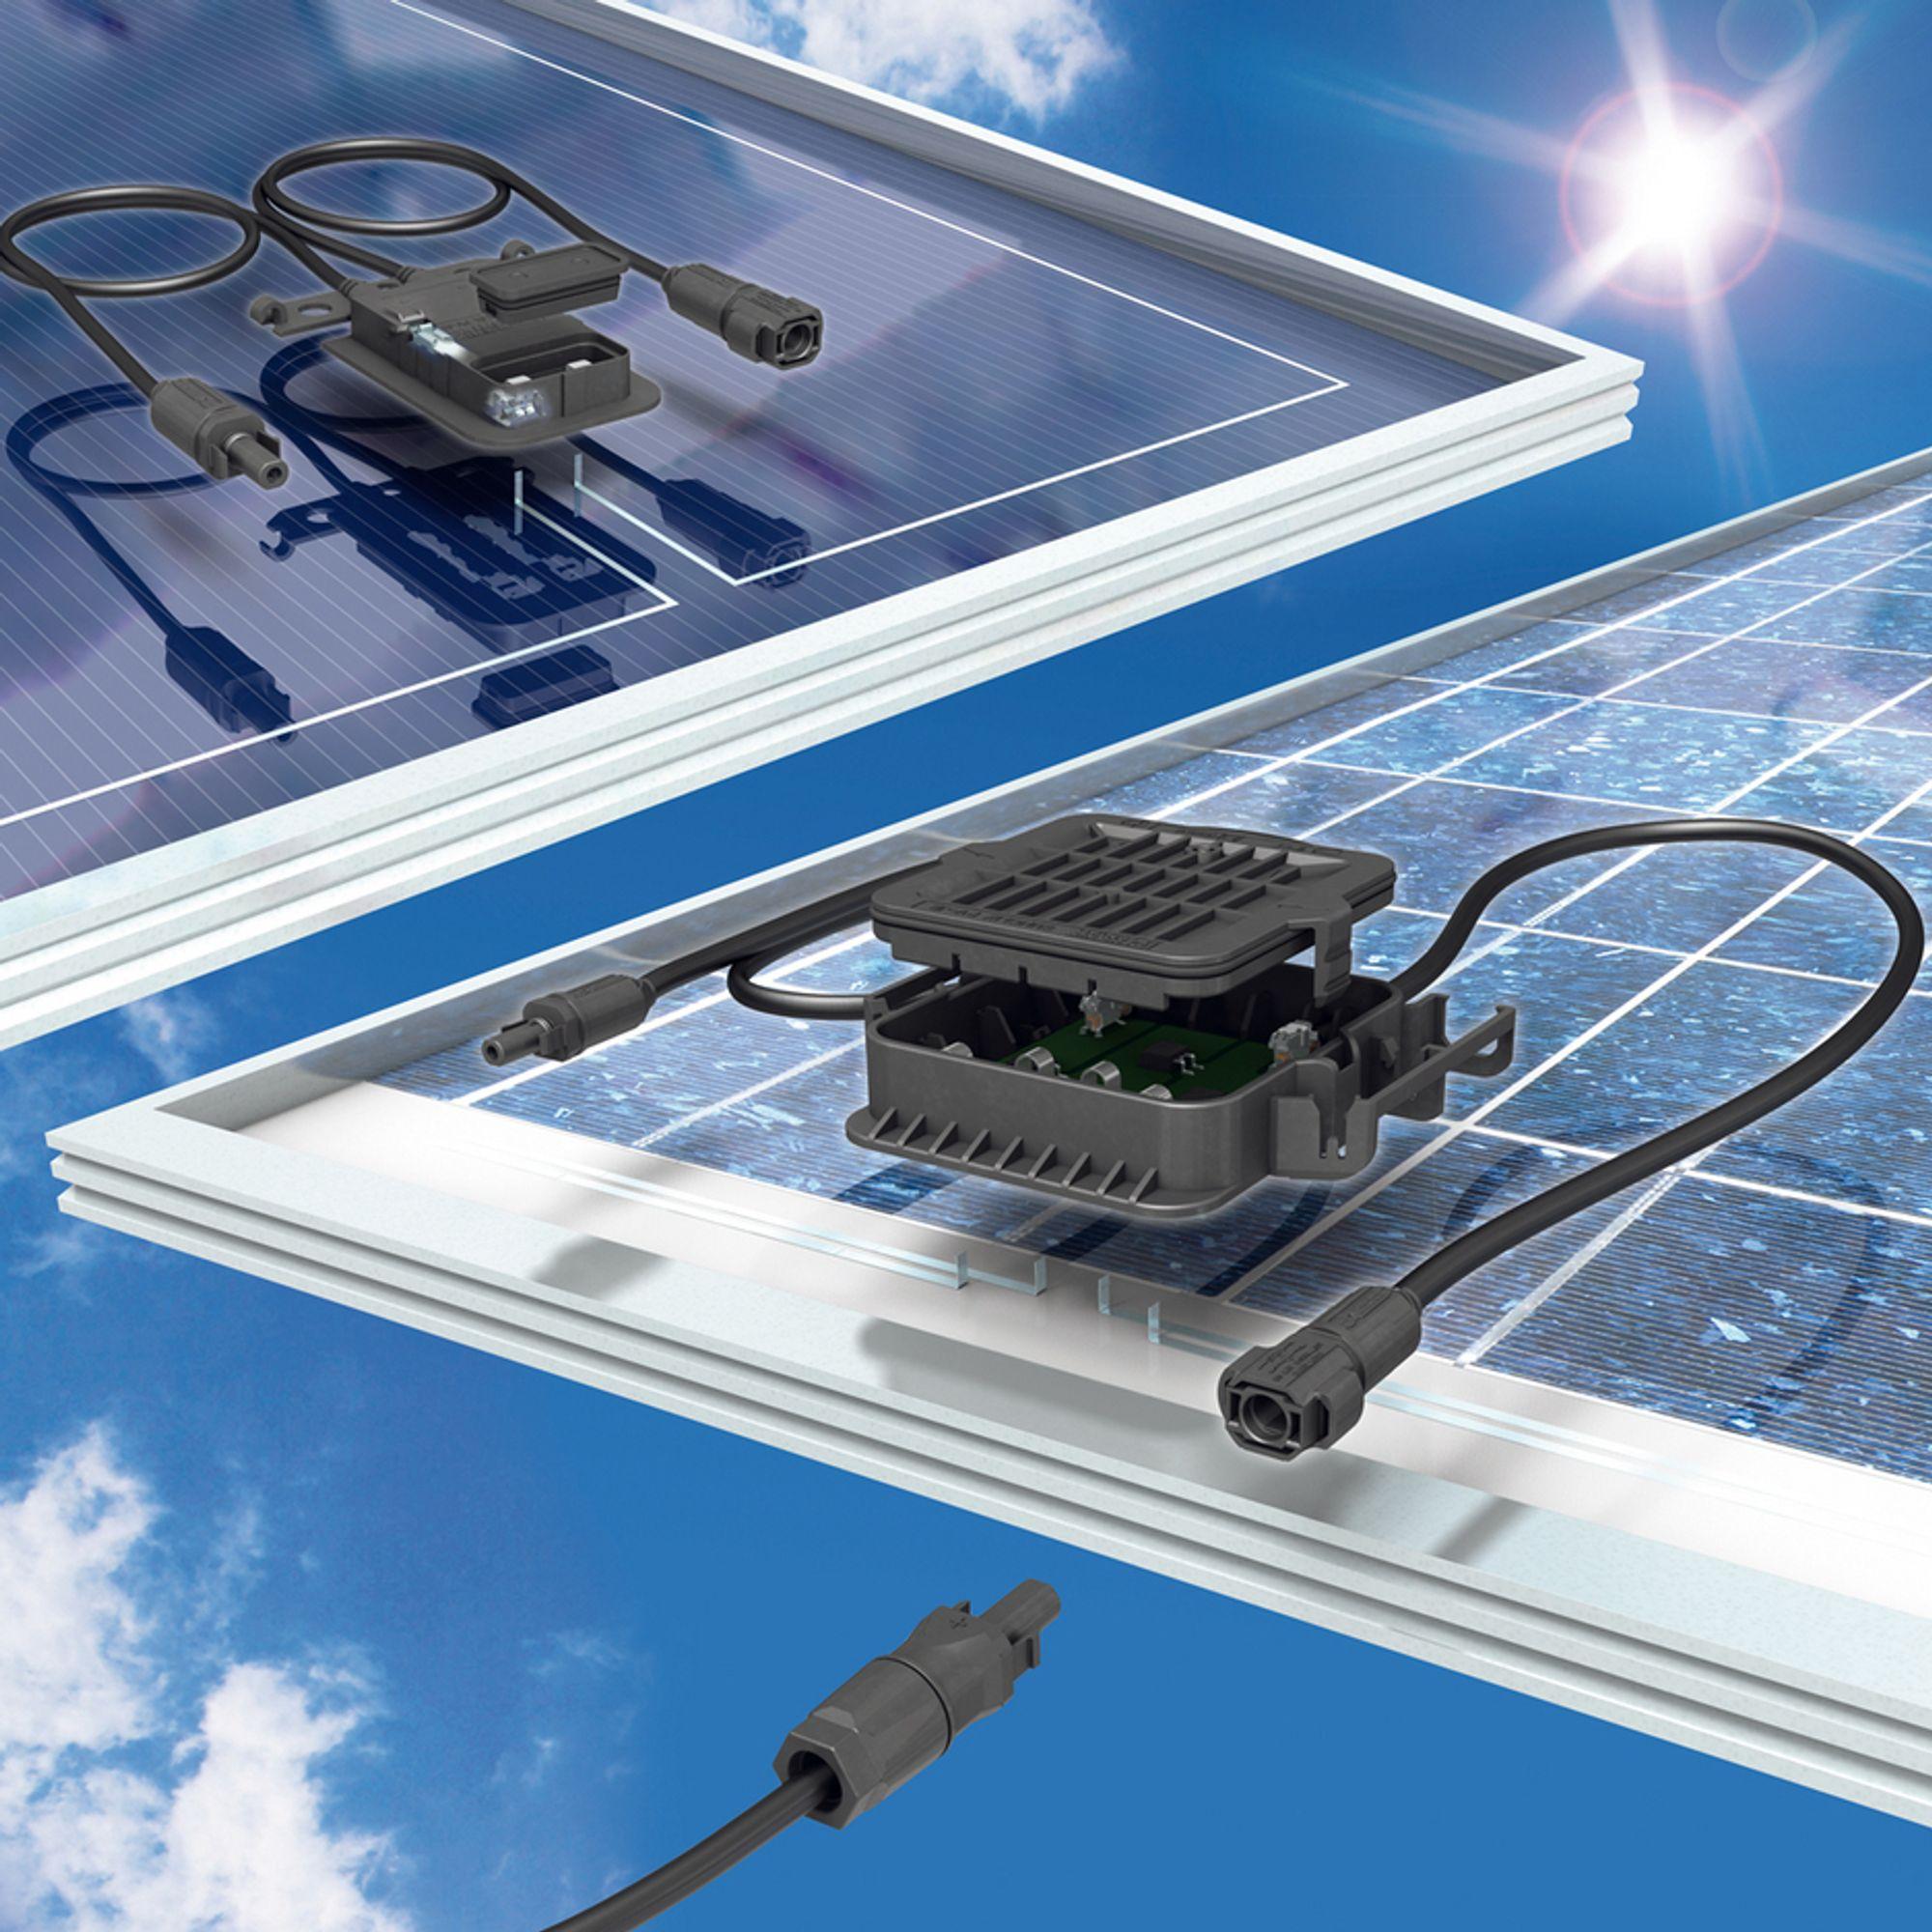 Kobler solcellemoduler